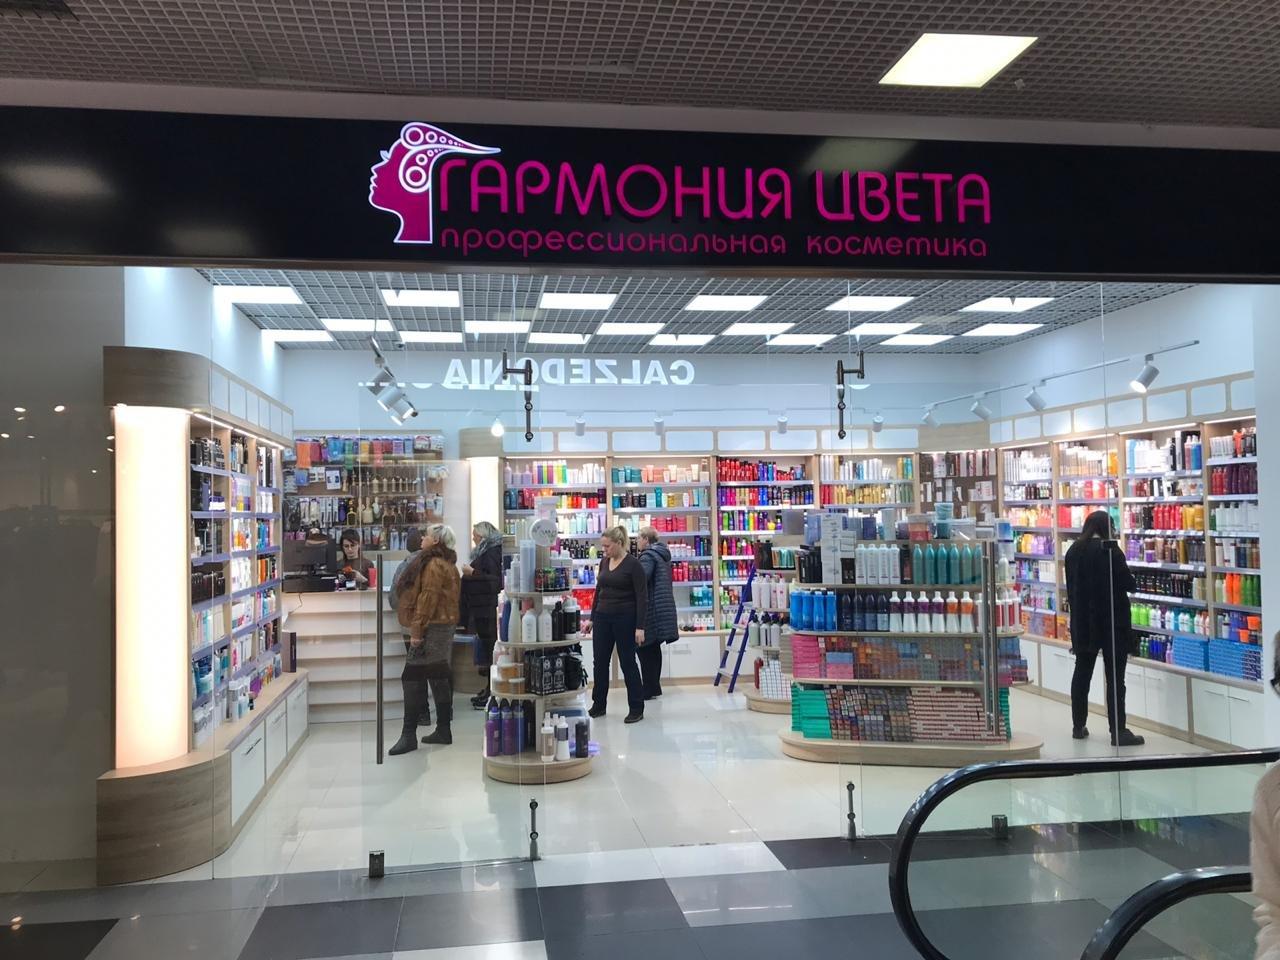 Гармония Цвета Профессиональная Косметика Интернет Магазин